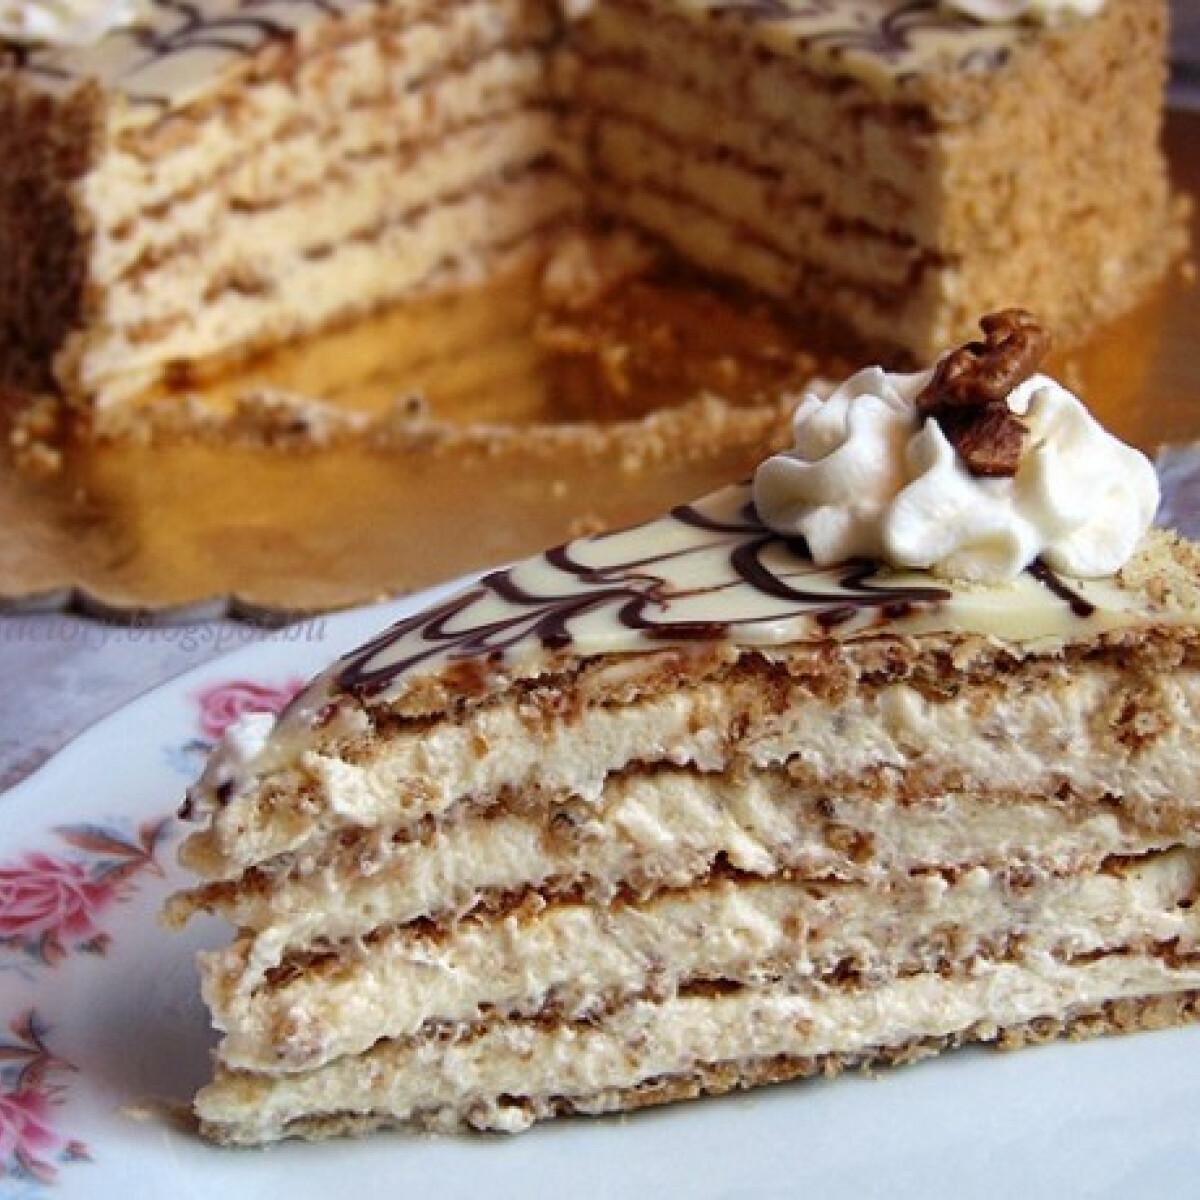 Ezen a képen: Eszterházy torta a The Cake Factory-tól